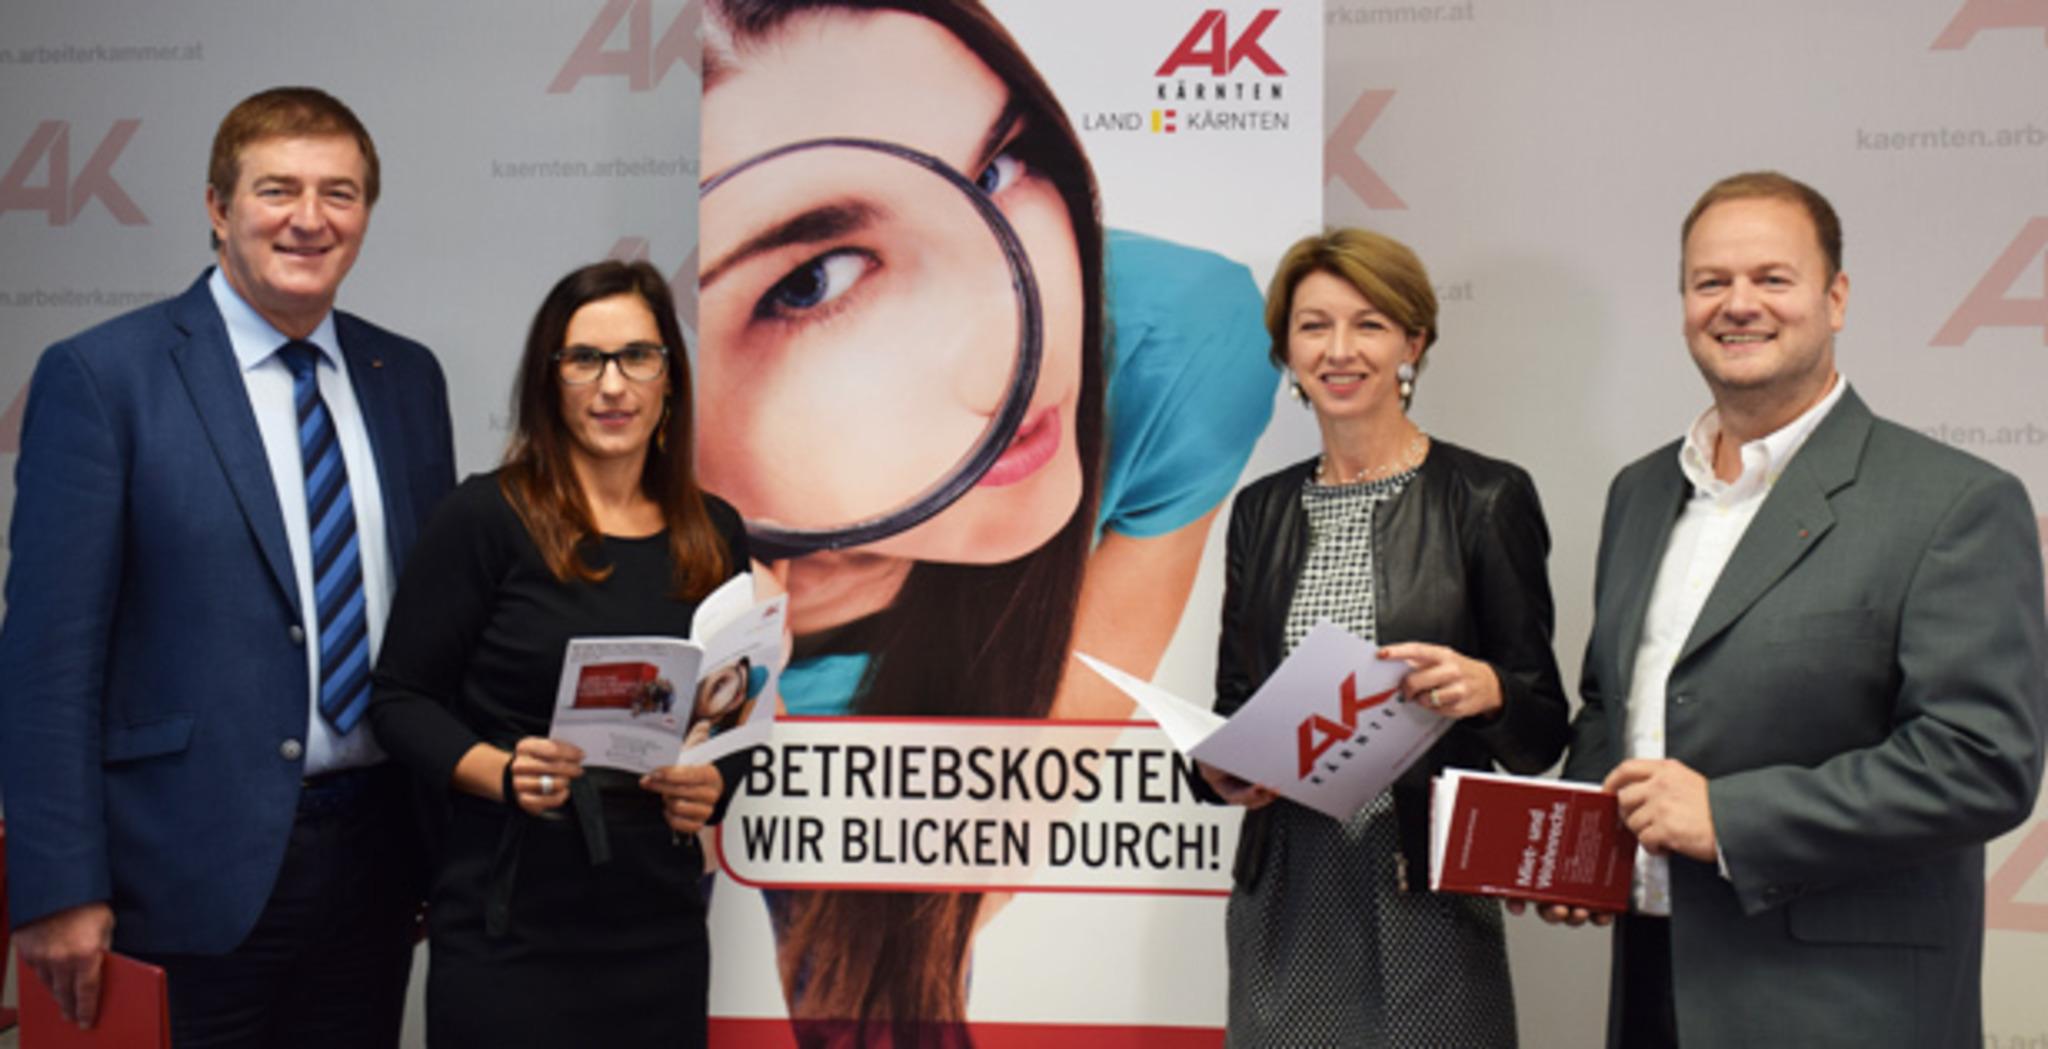 Annas Partnervermittlung: Partnersuche in Krnten: Das sind